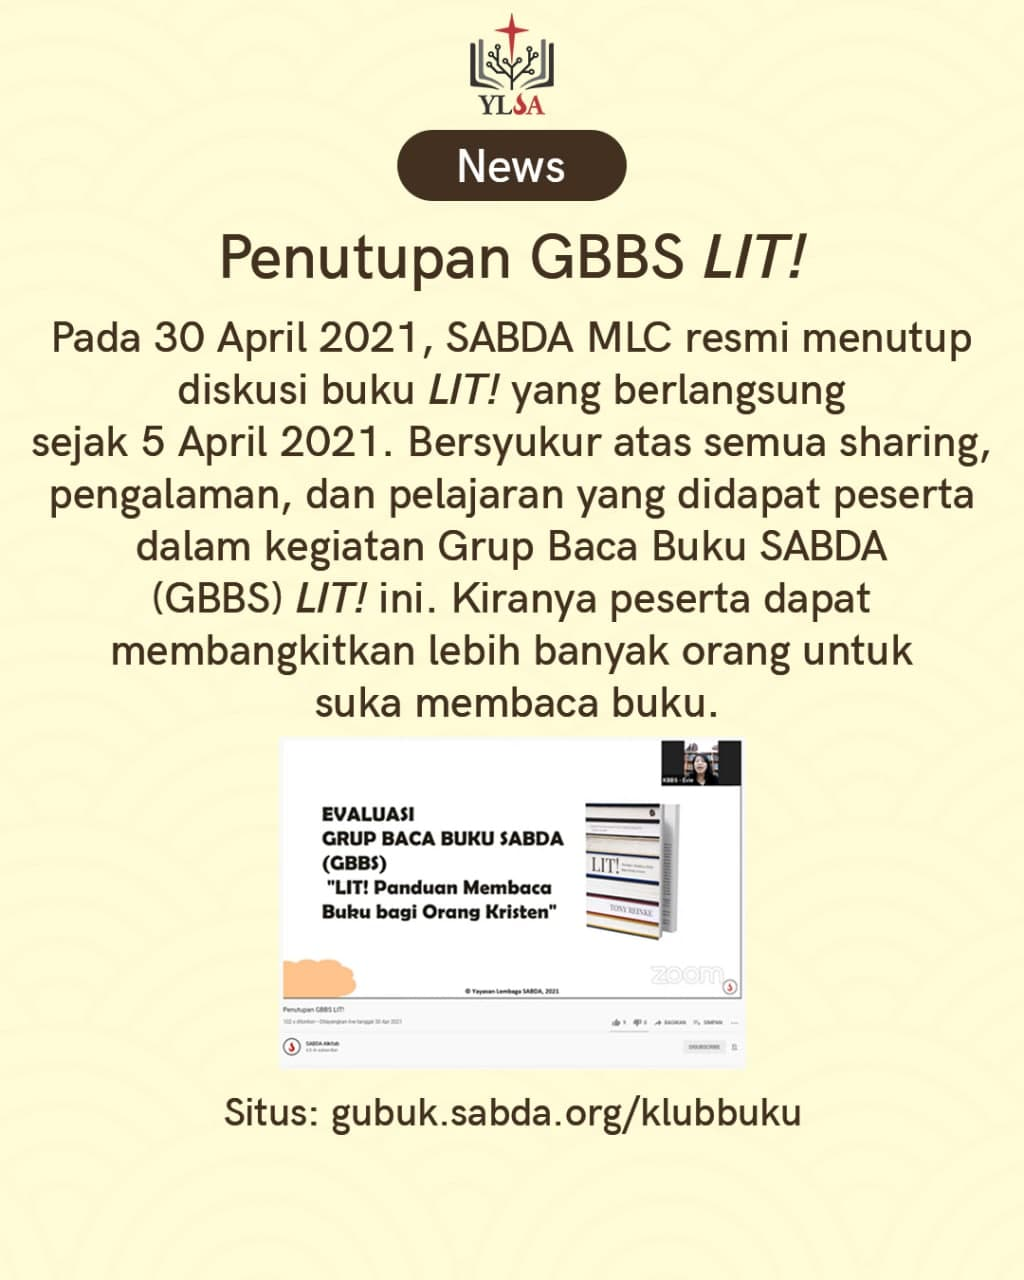 SABDA MLC resmi menutup diskusi buku 'LIT!' pada 30 April 2021. Bersyukur atas semua sharing, pengalaman, dan pelajaran yang didapat peserta dalam kegiatan GBBS 'LIT!' ini.